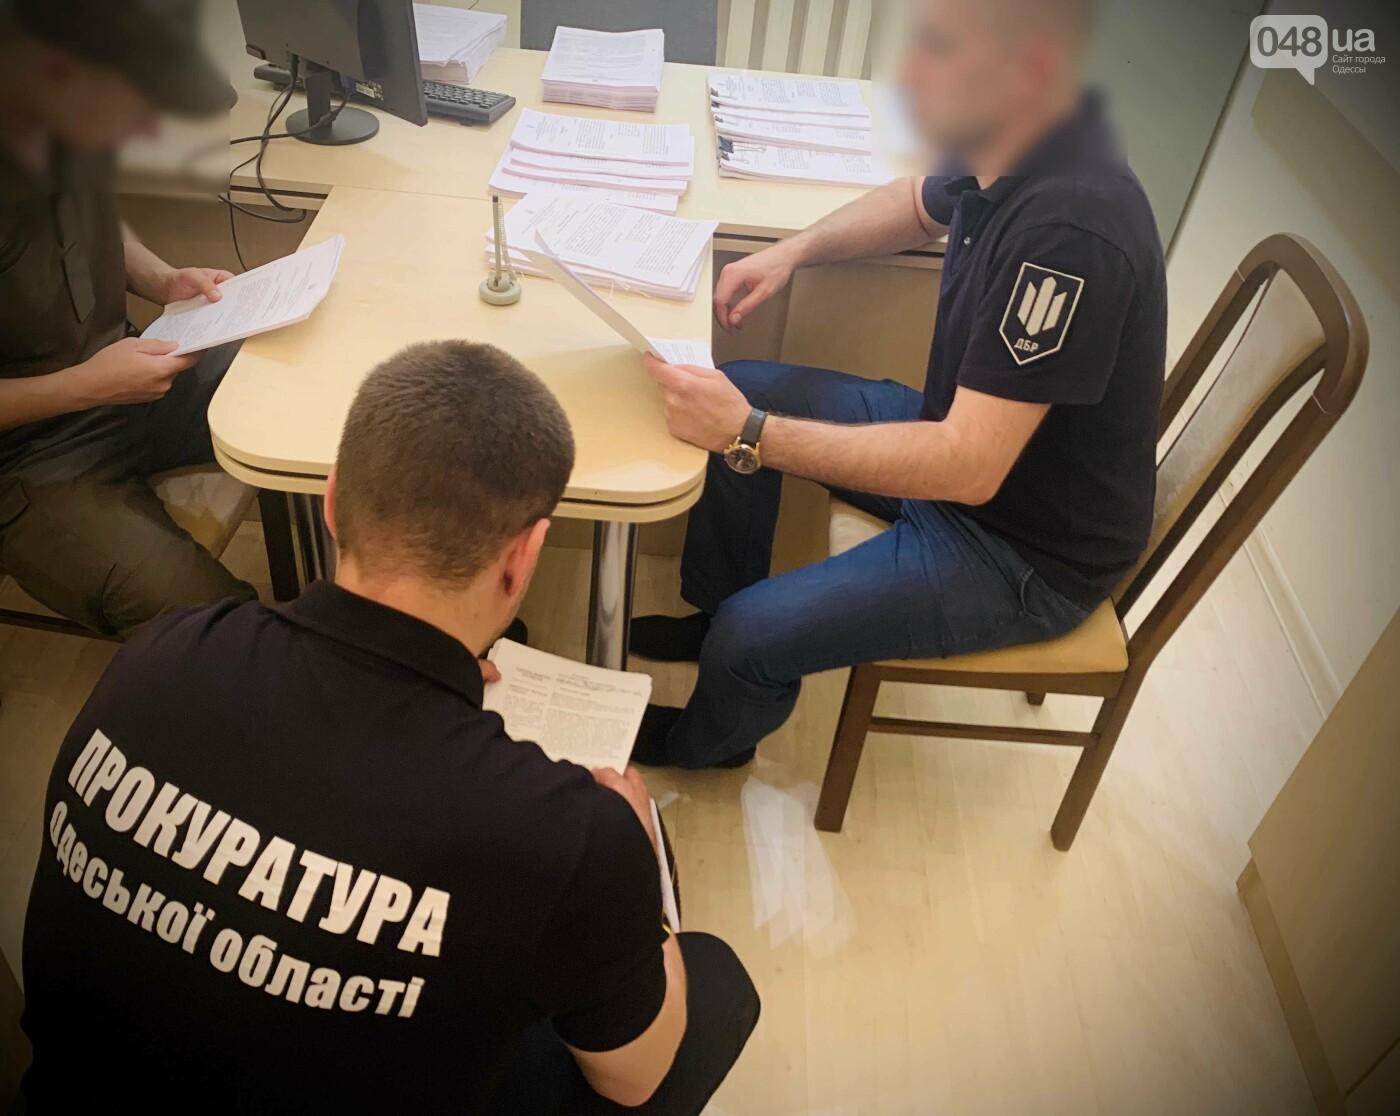 Прокуратура Одесской области довела до суда дело о коррупции в Минобороны, - ФОТО, фото-5